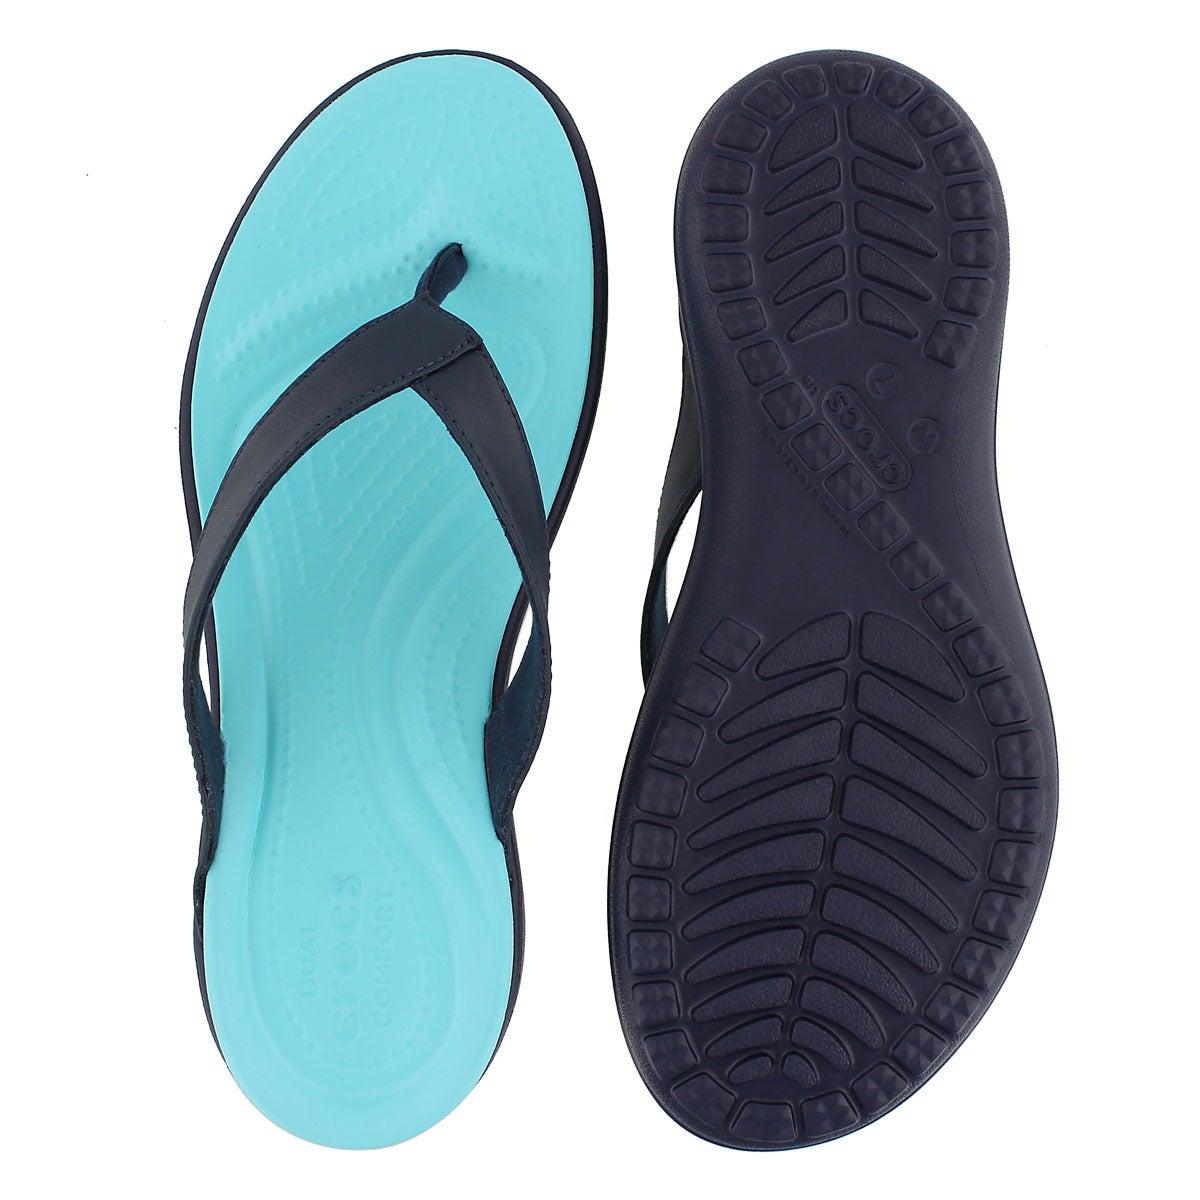 Lds Capri V Flip navy/blue thong sandal